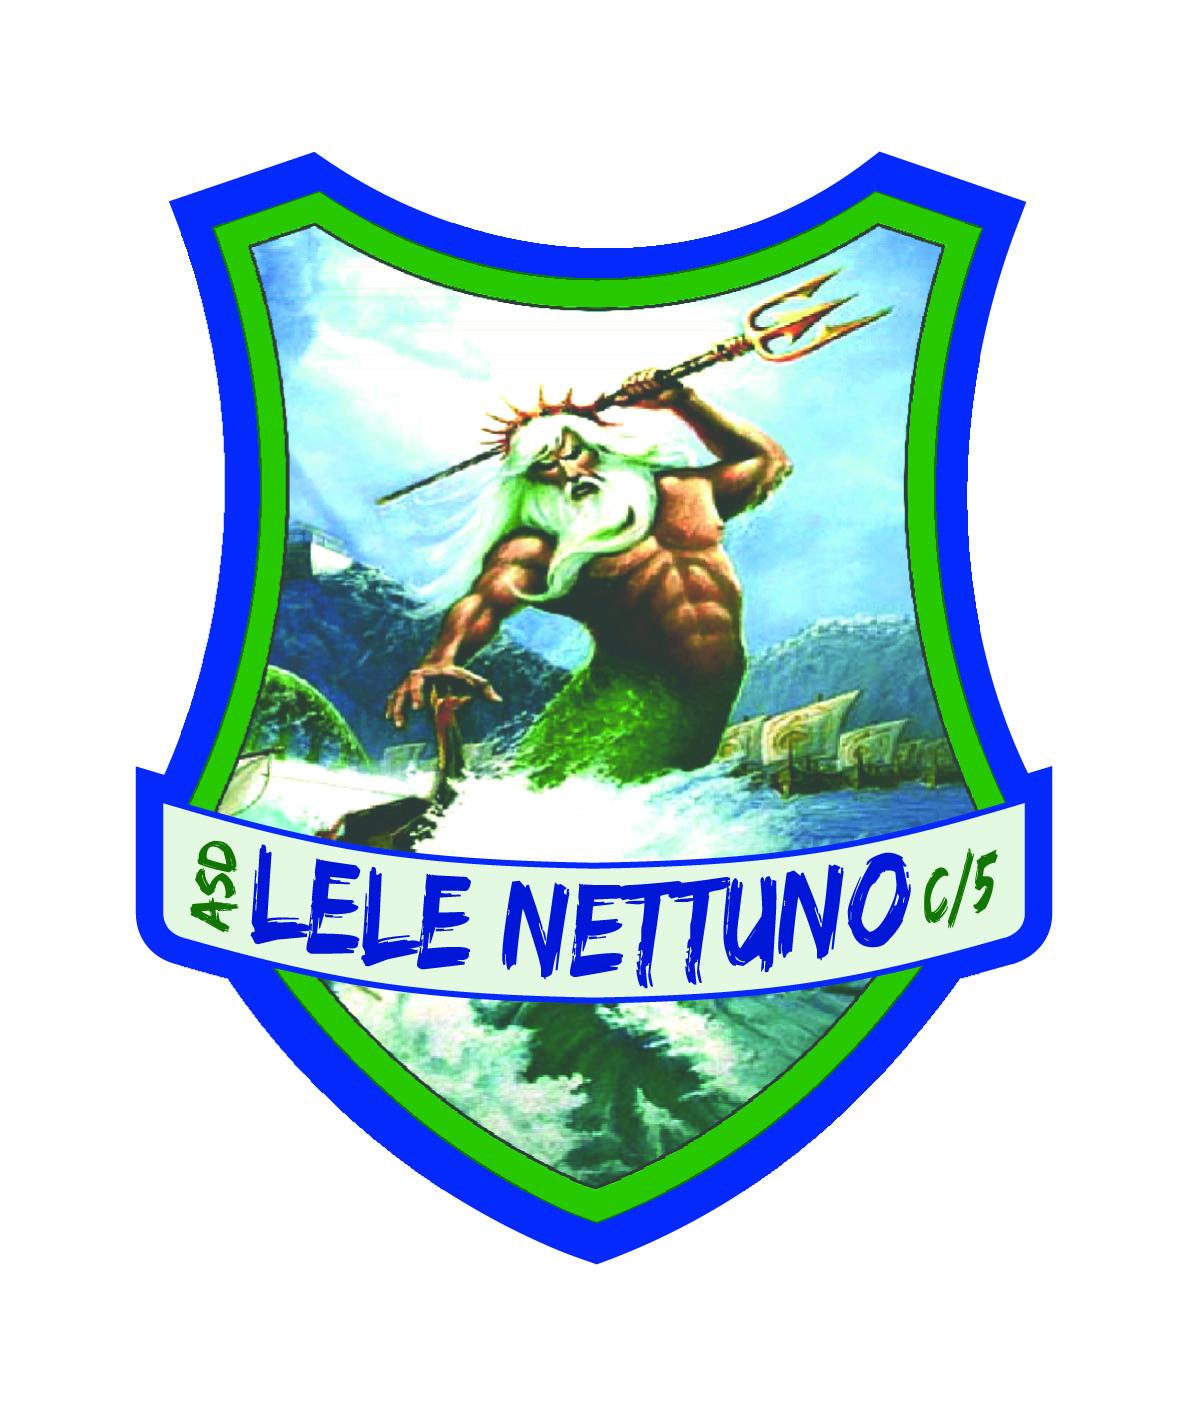 LELE NETTUNO